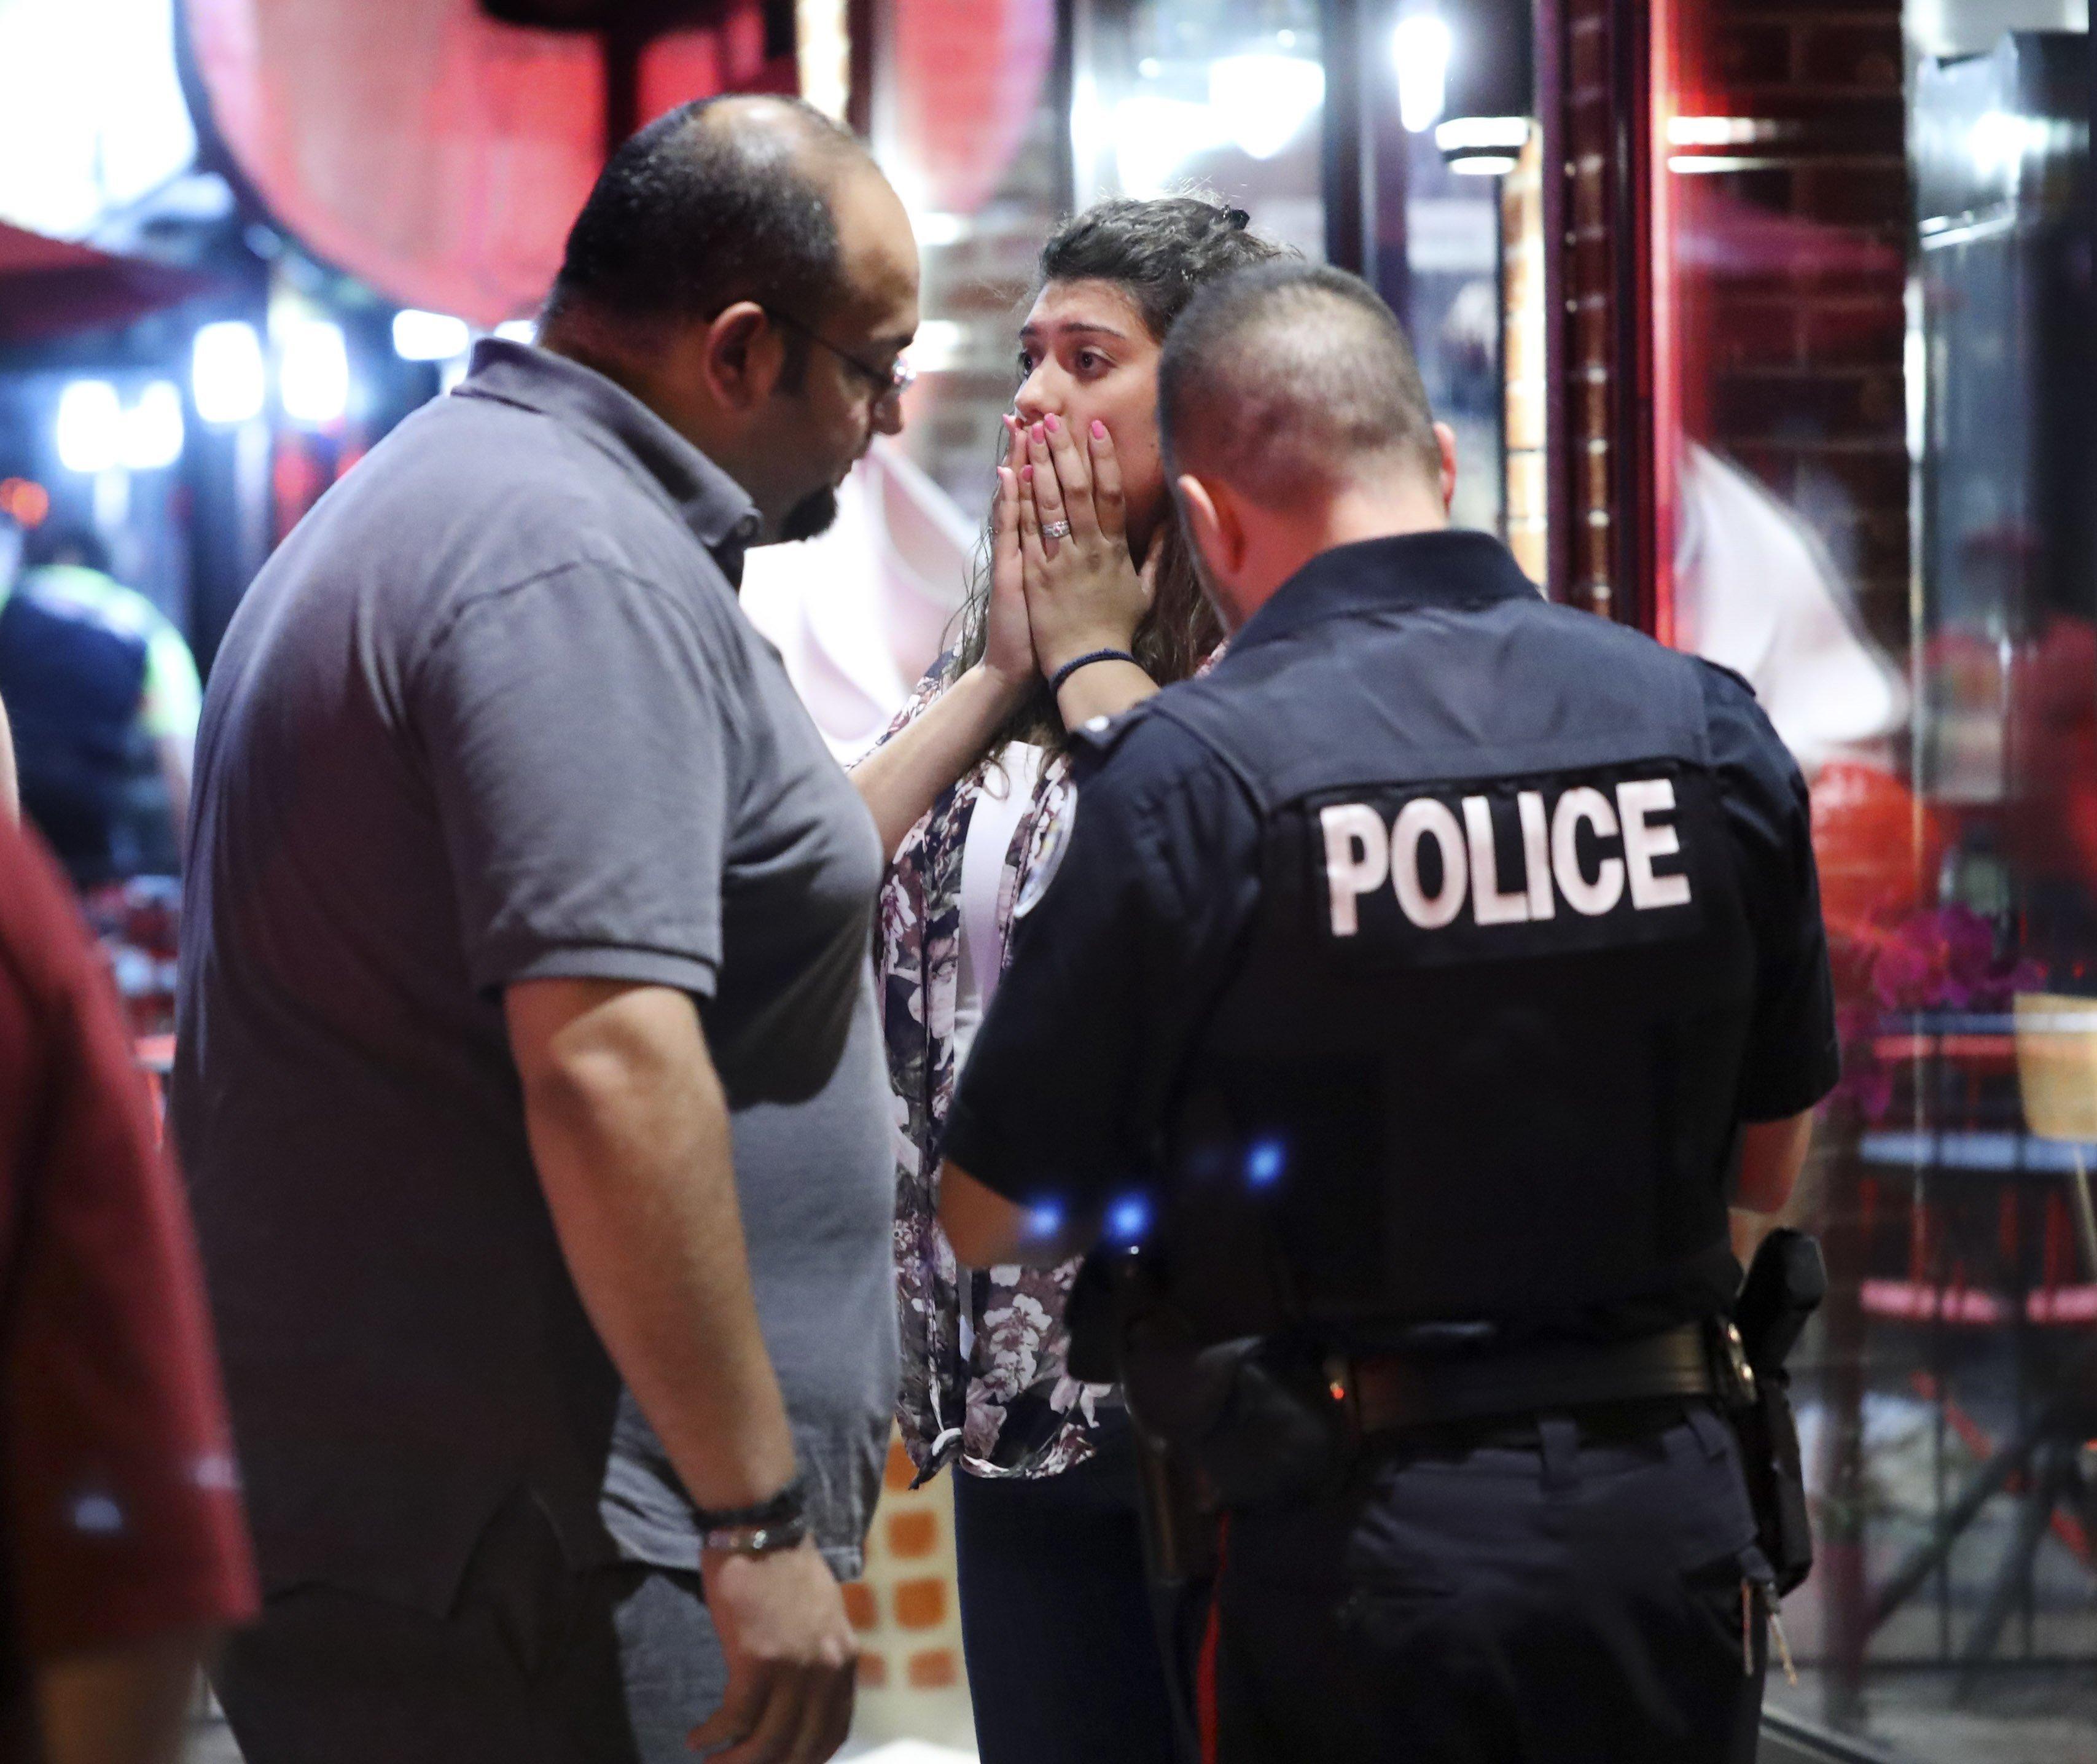 Canada: L'auteur présumé de la fusillade de Toronto